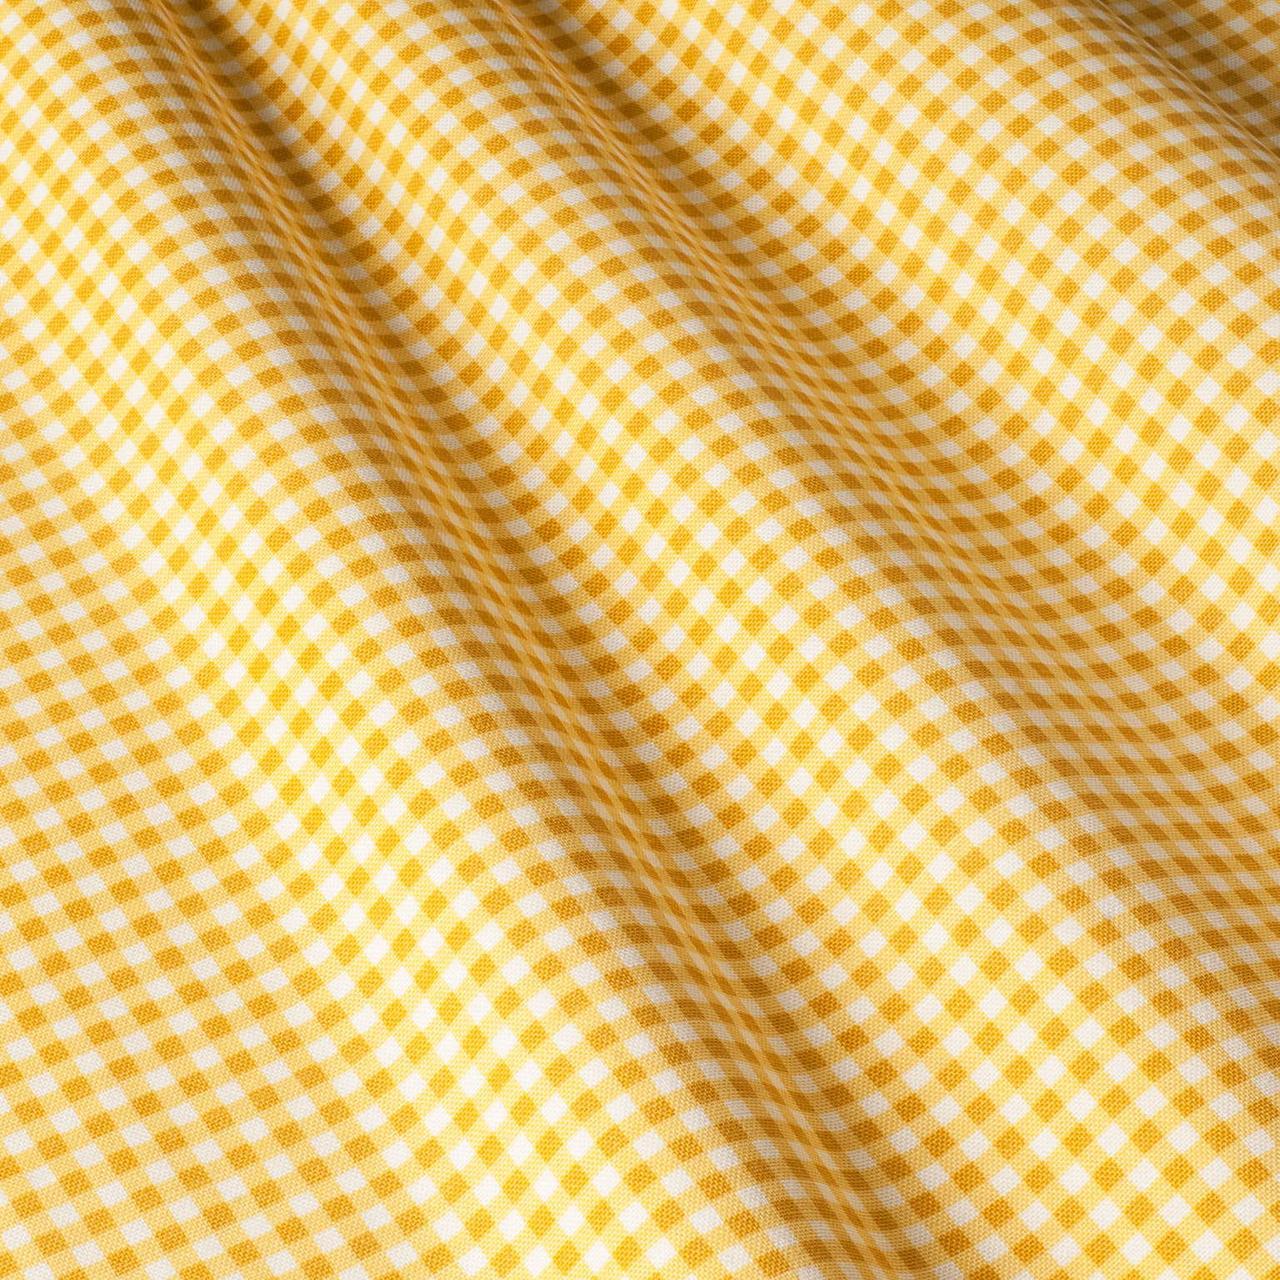 Декоративная ткань мелкая клетка желтая с тефлоном 83178v11